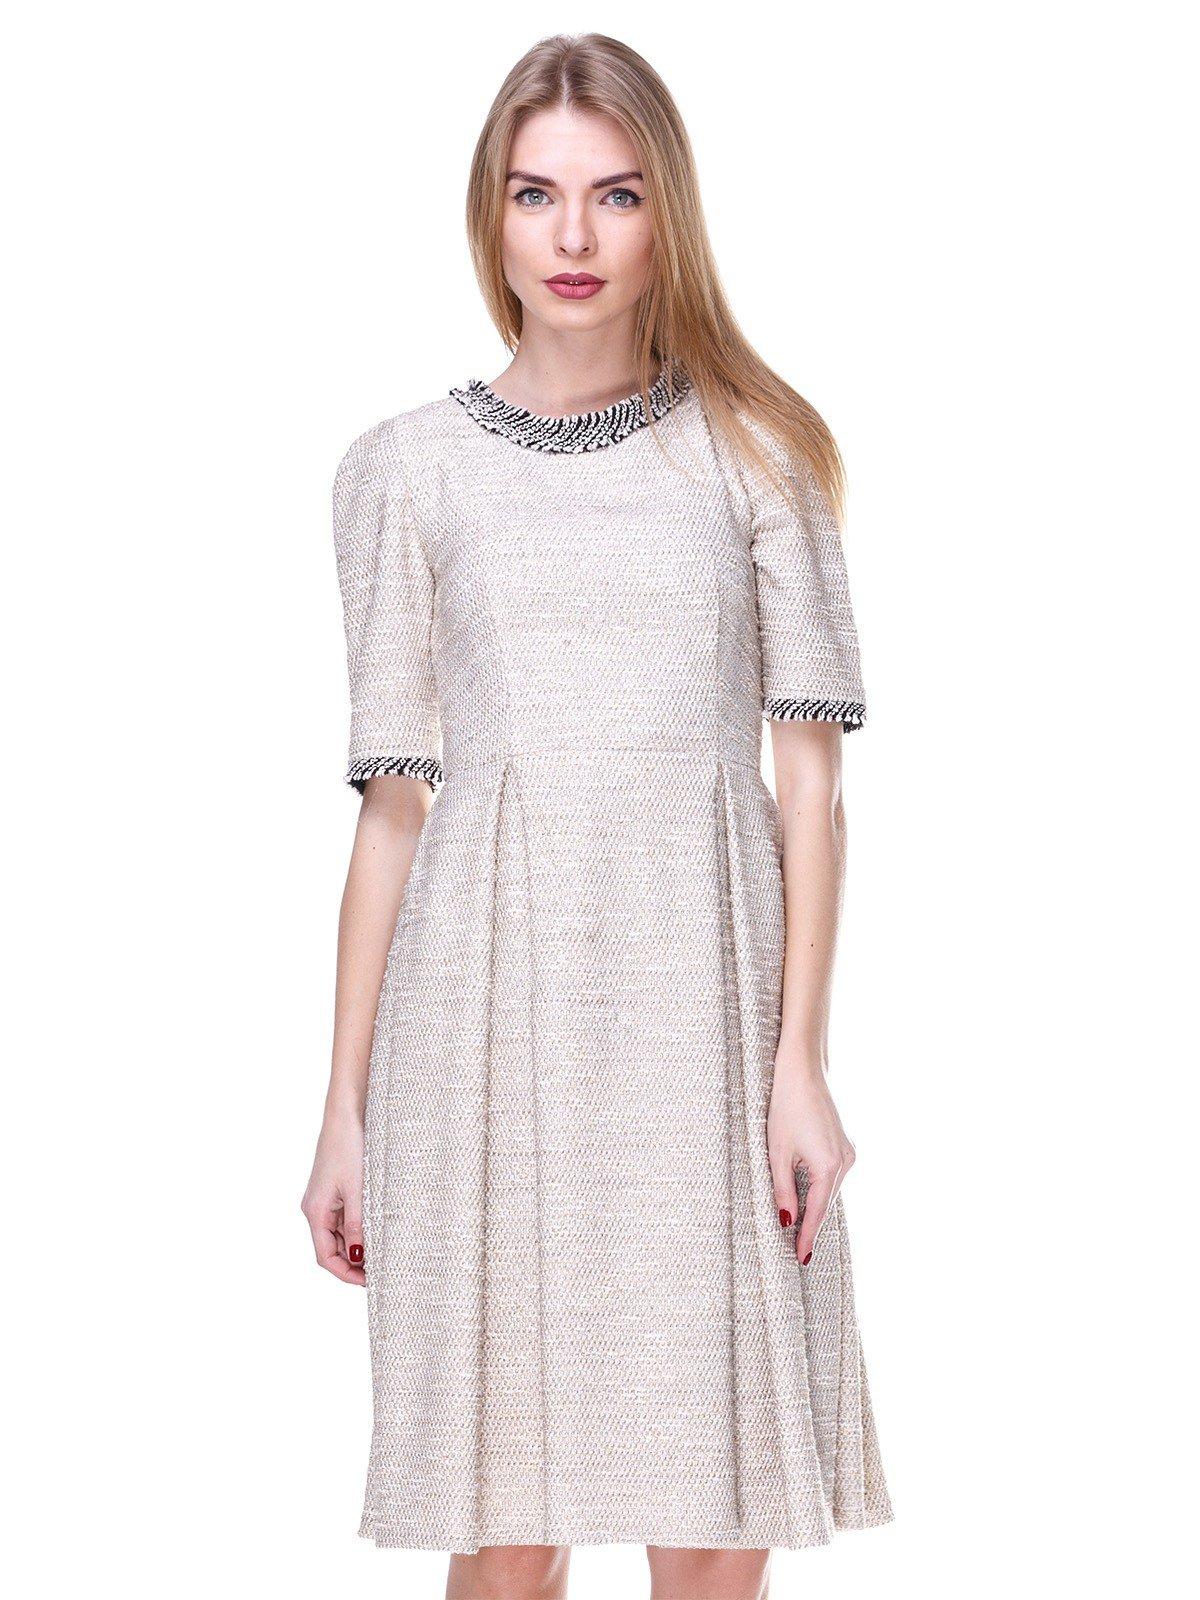 дизайнерская женская одежда недорого от Дольчедонна 1ae6489770183